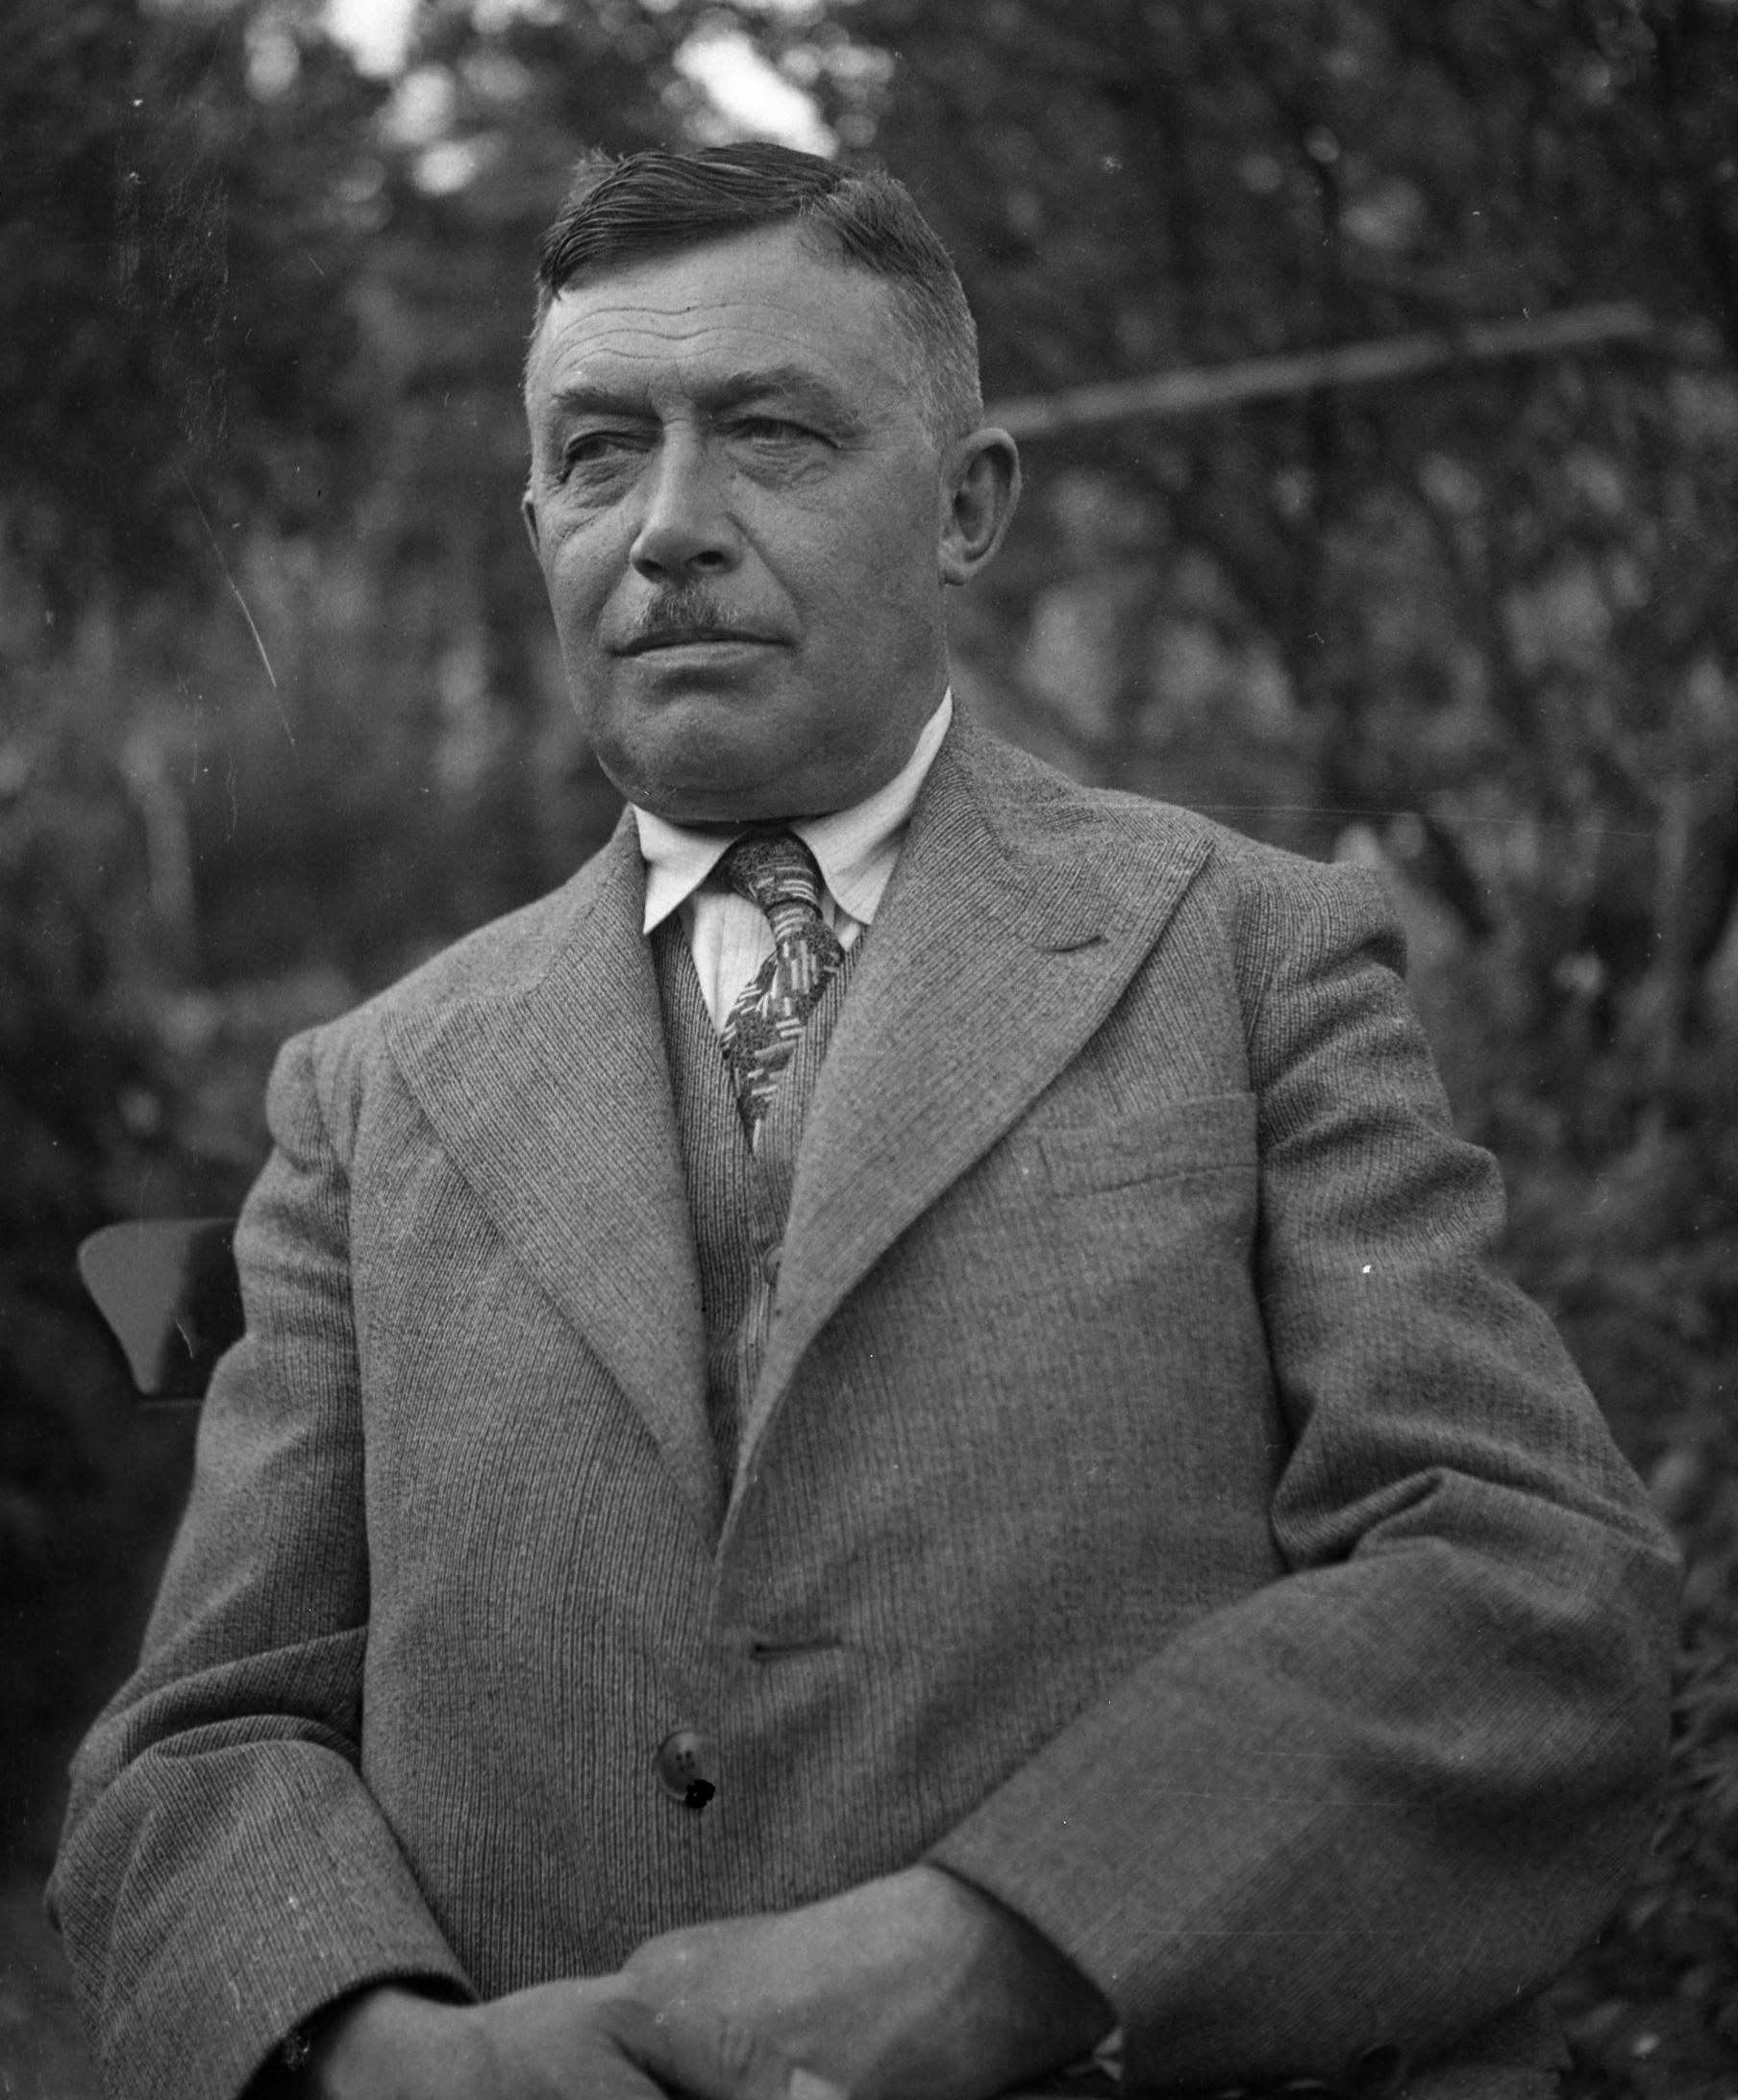 Anton Šušteršič